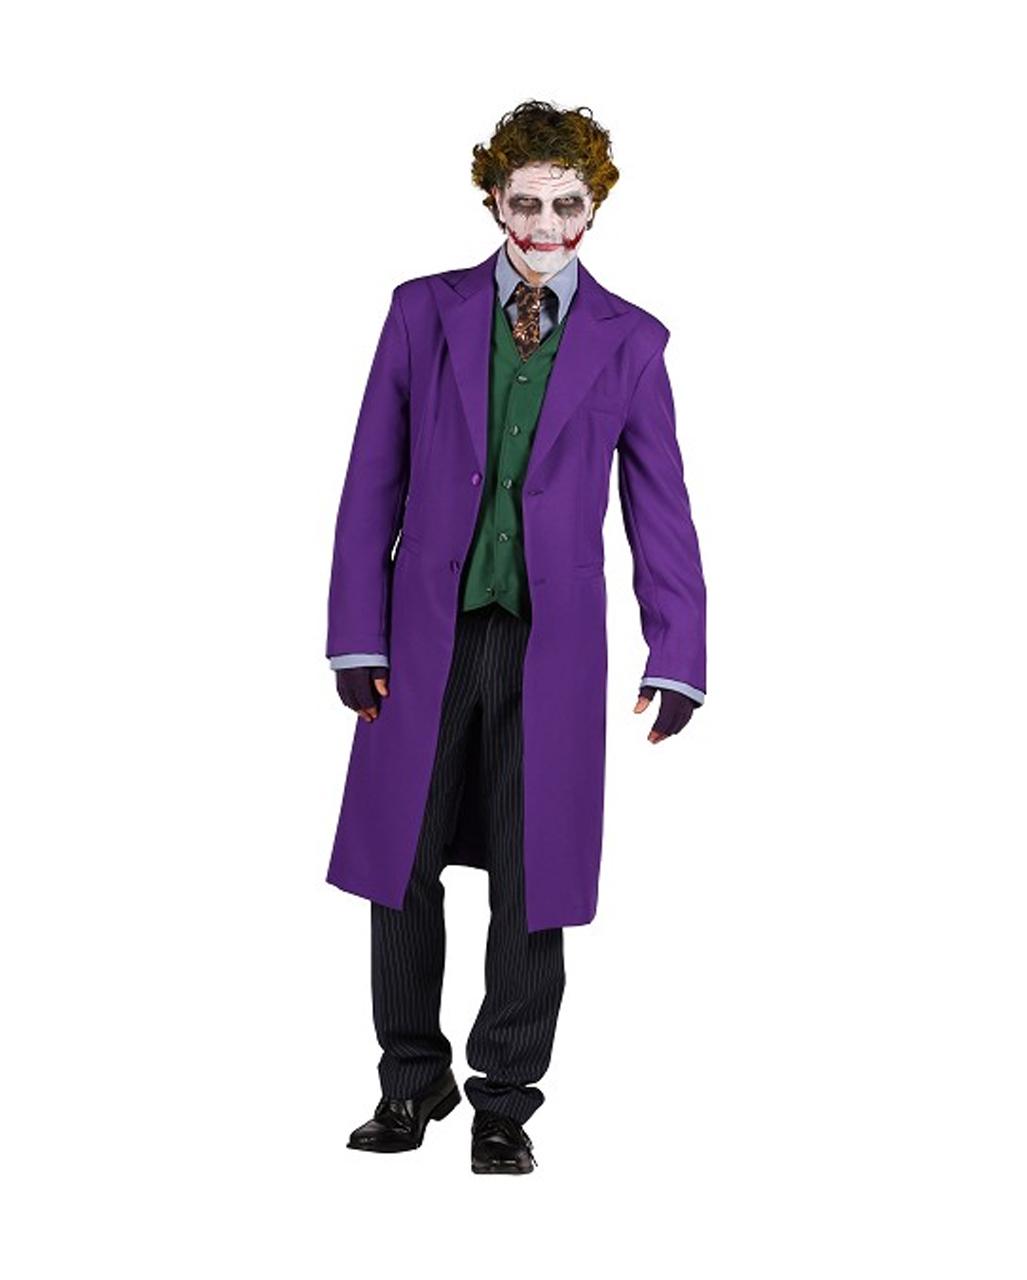 Deluxe Kostum Joker Anzug Mit Weste Fur Karneval Karneval Universe